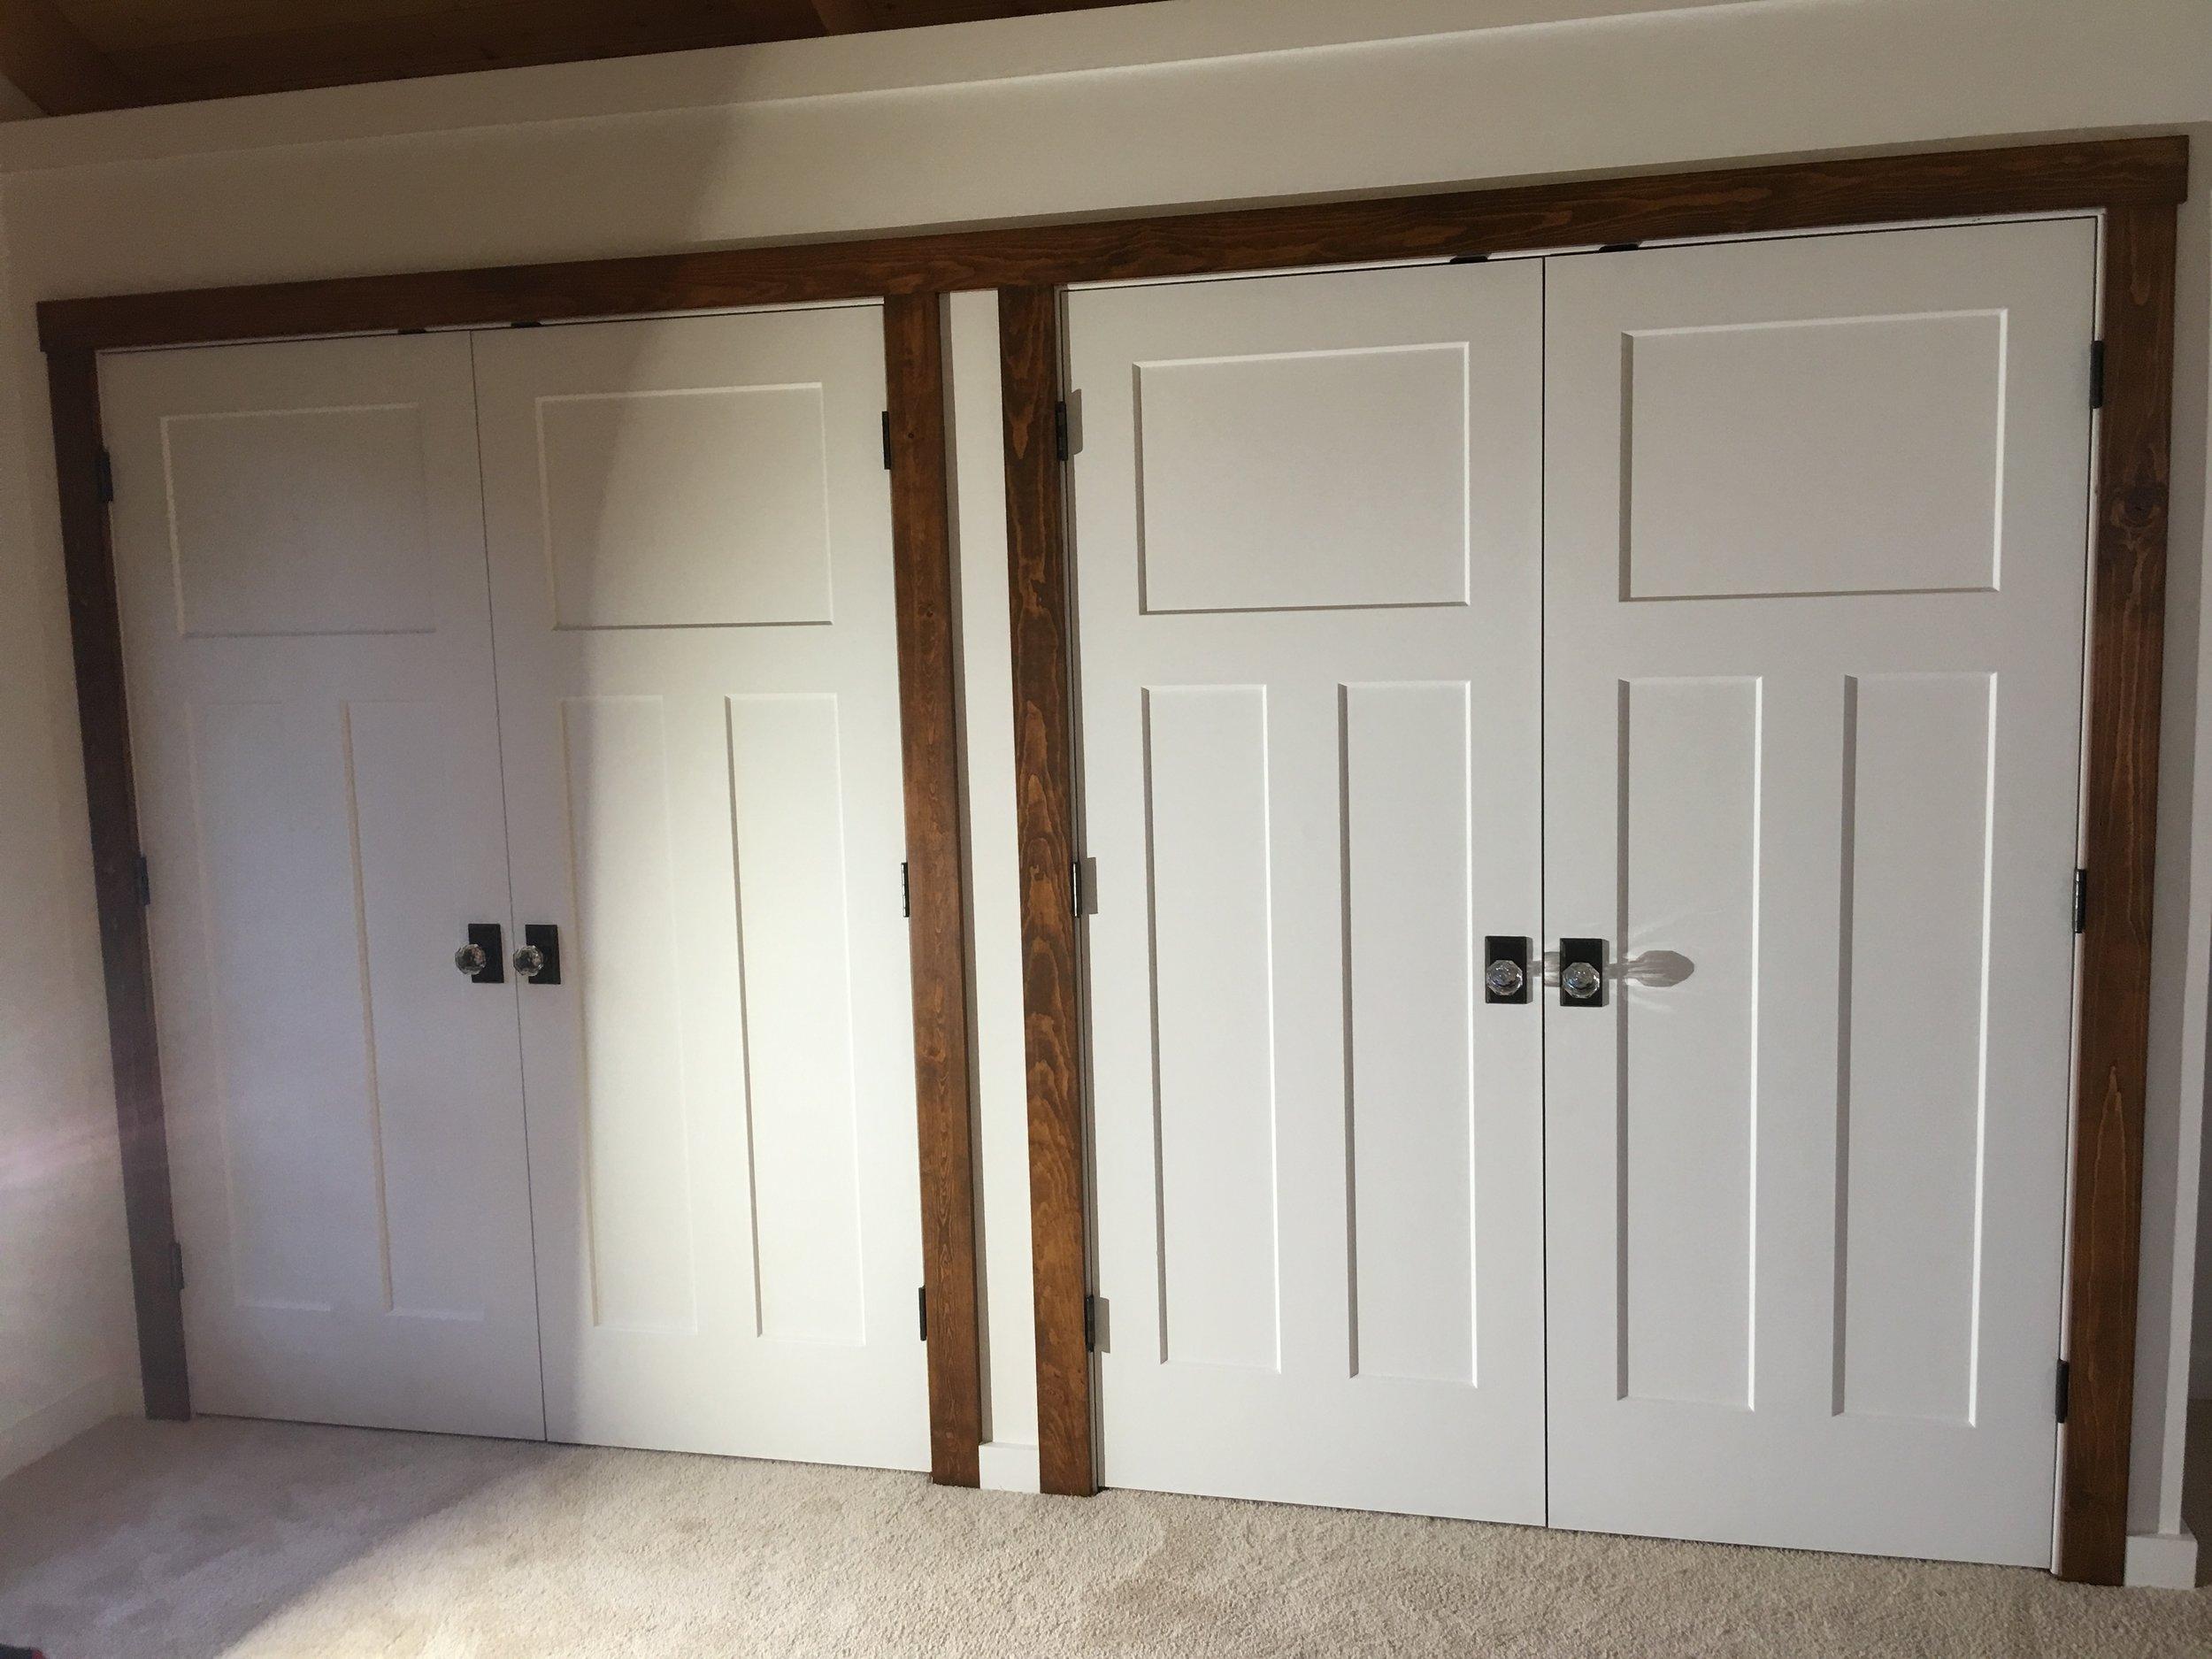 painted doors.jpeg